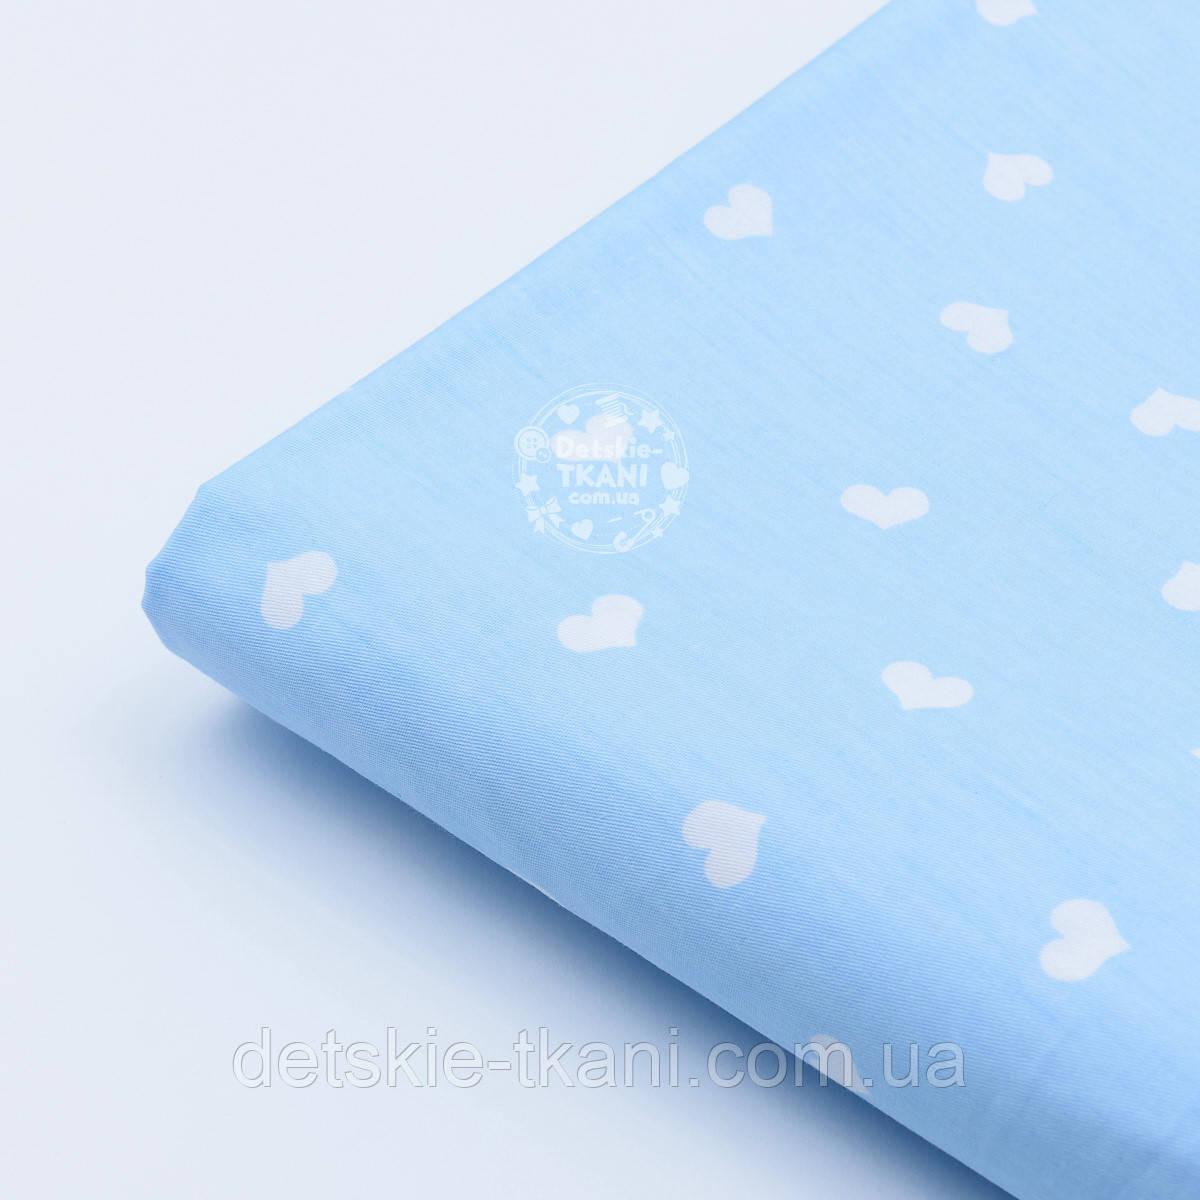 """Лоскут сатина  """"Фигурные сердечки 14 мм"""" на голубом № 1773с, размер 42*80 см"""